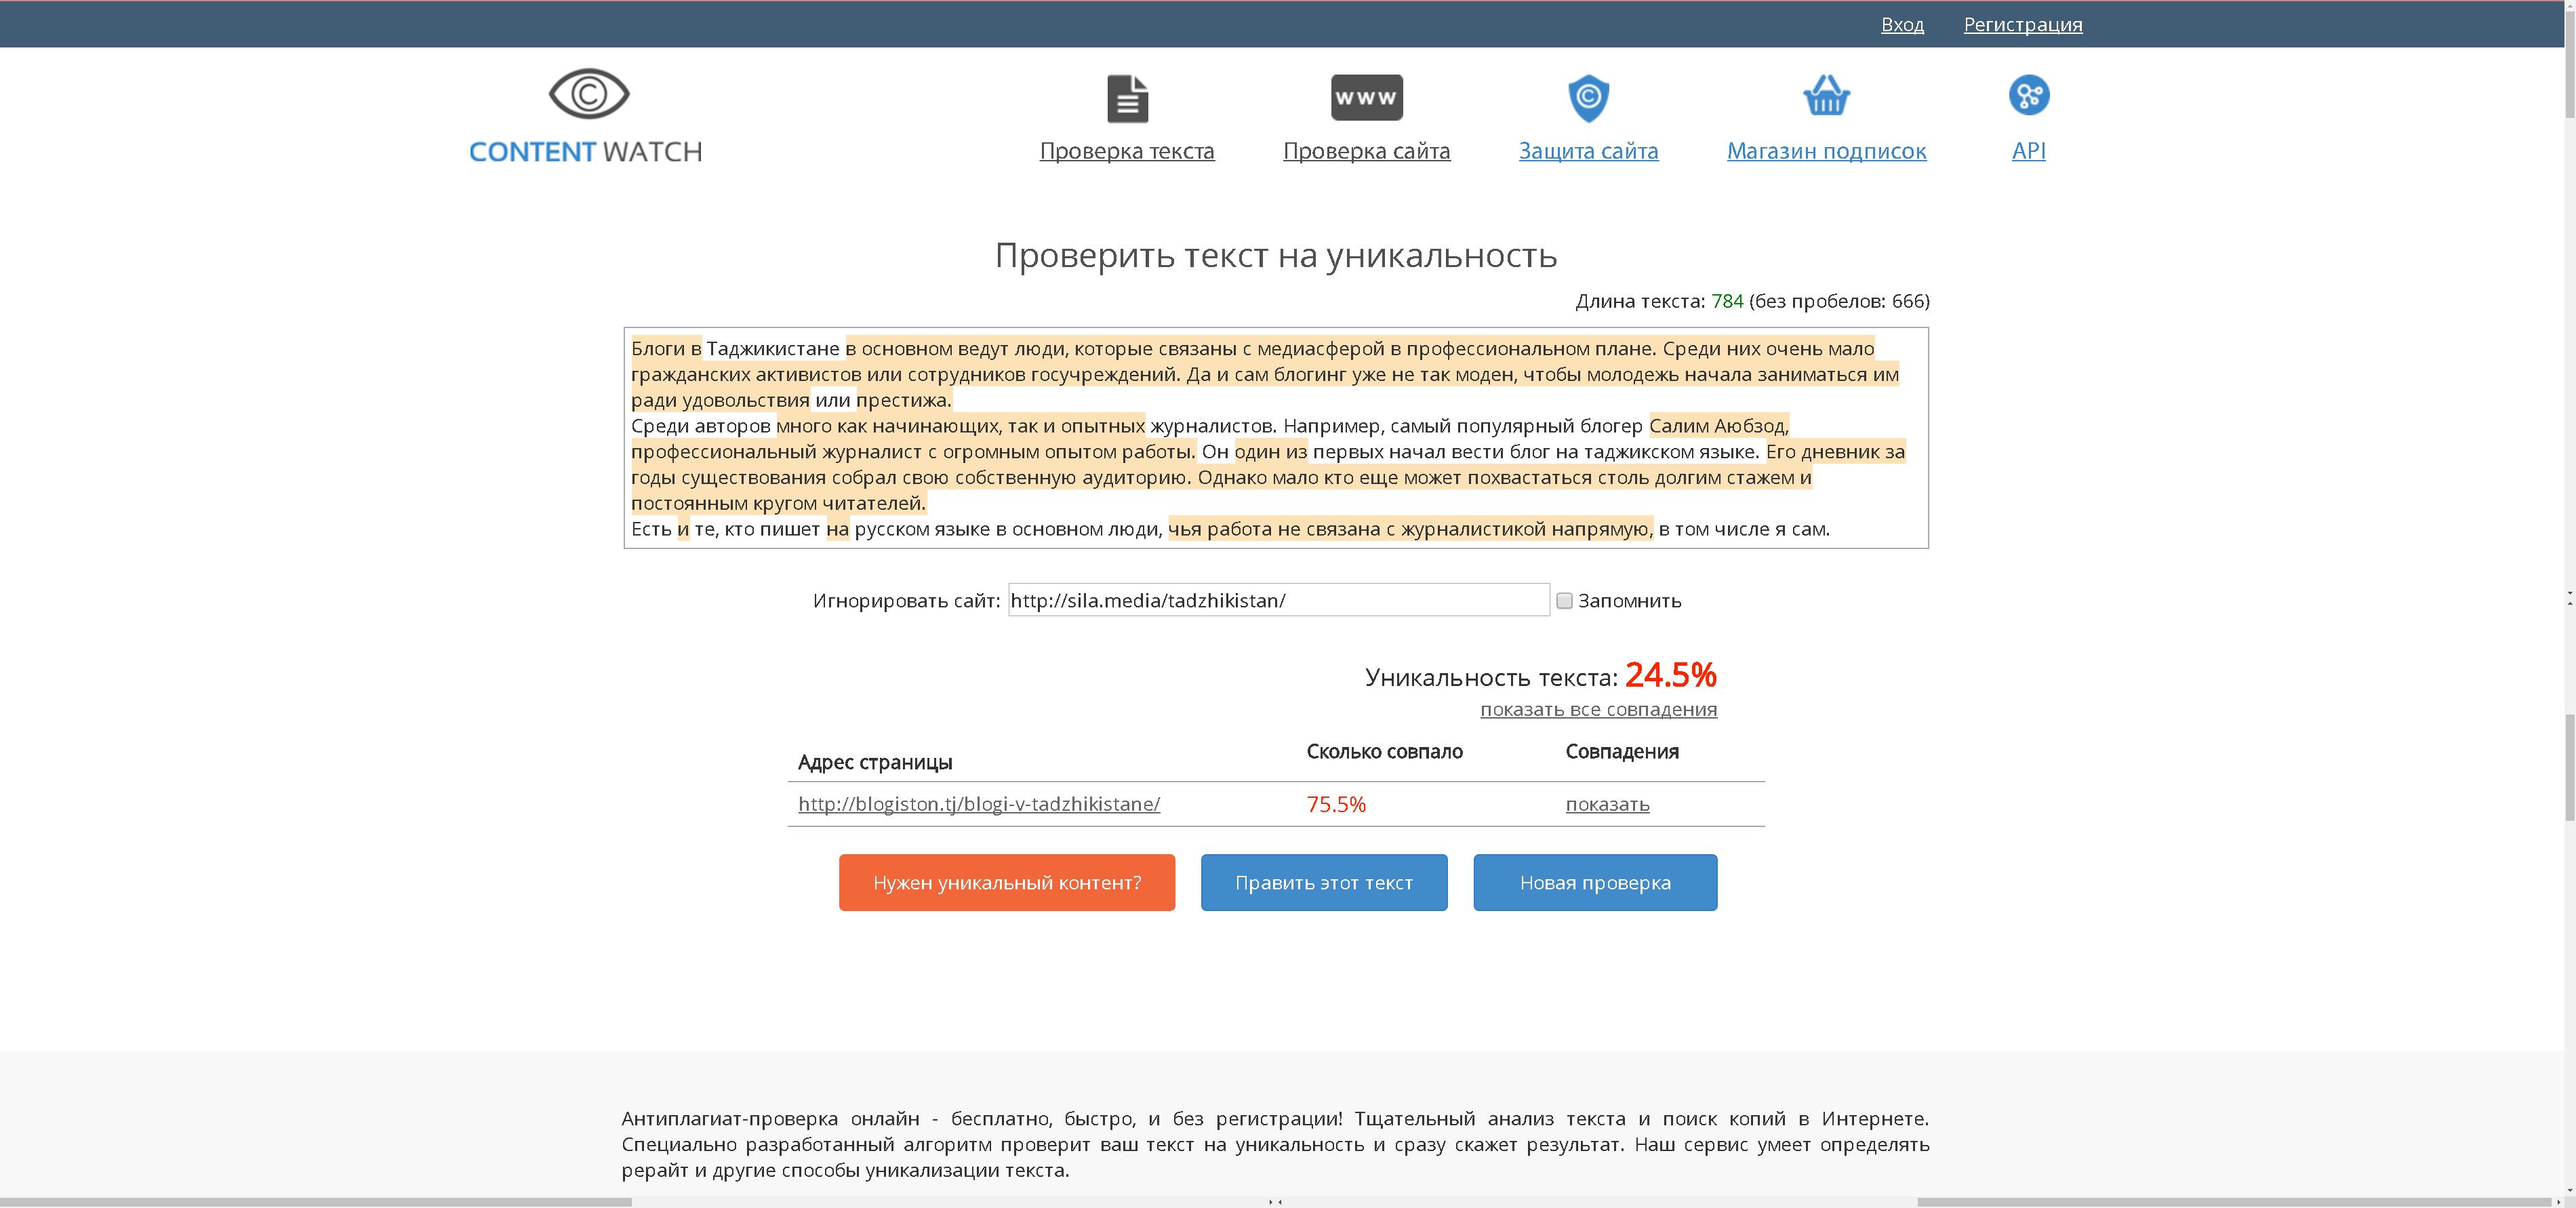 Онлайн сервисы для проверки текстов на уникальность silamedia Фрагмент материала Блоги в Таджикистане sila media